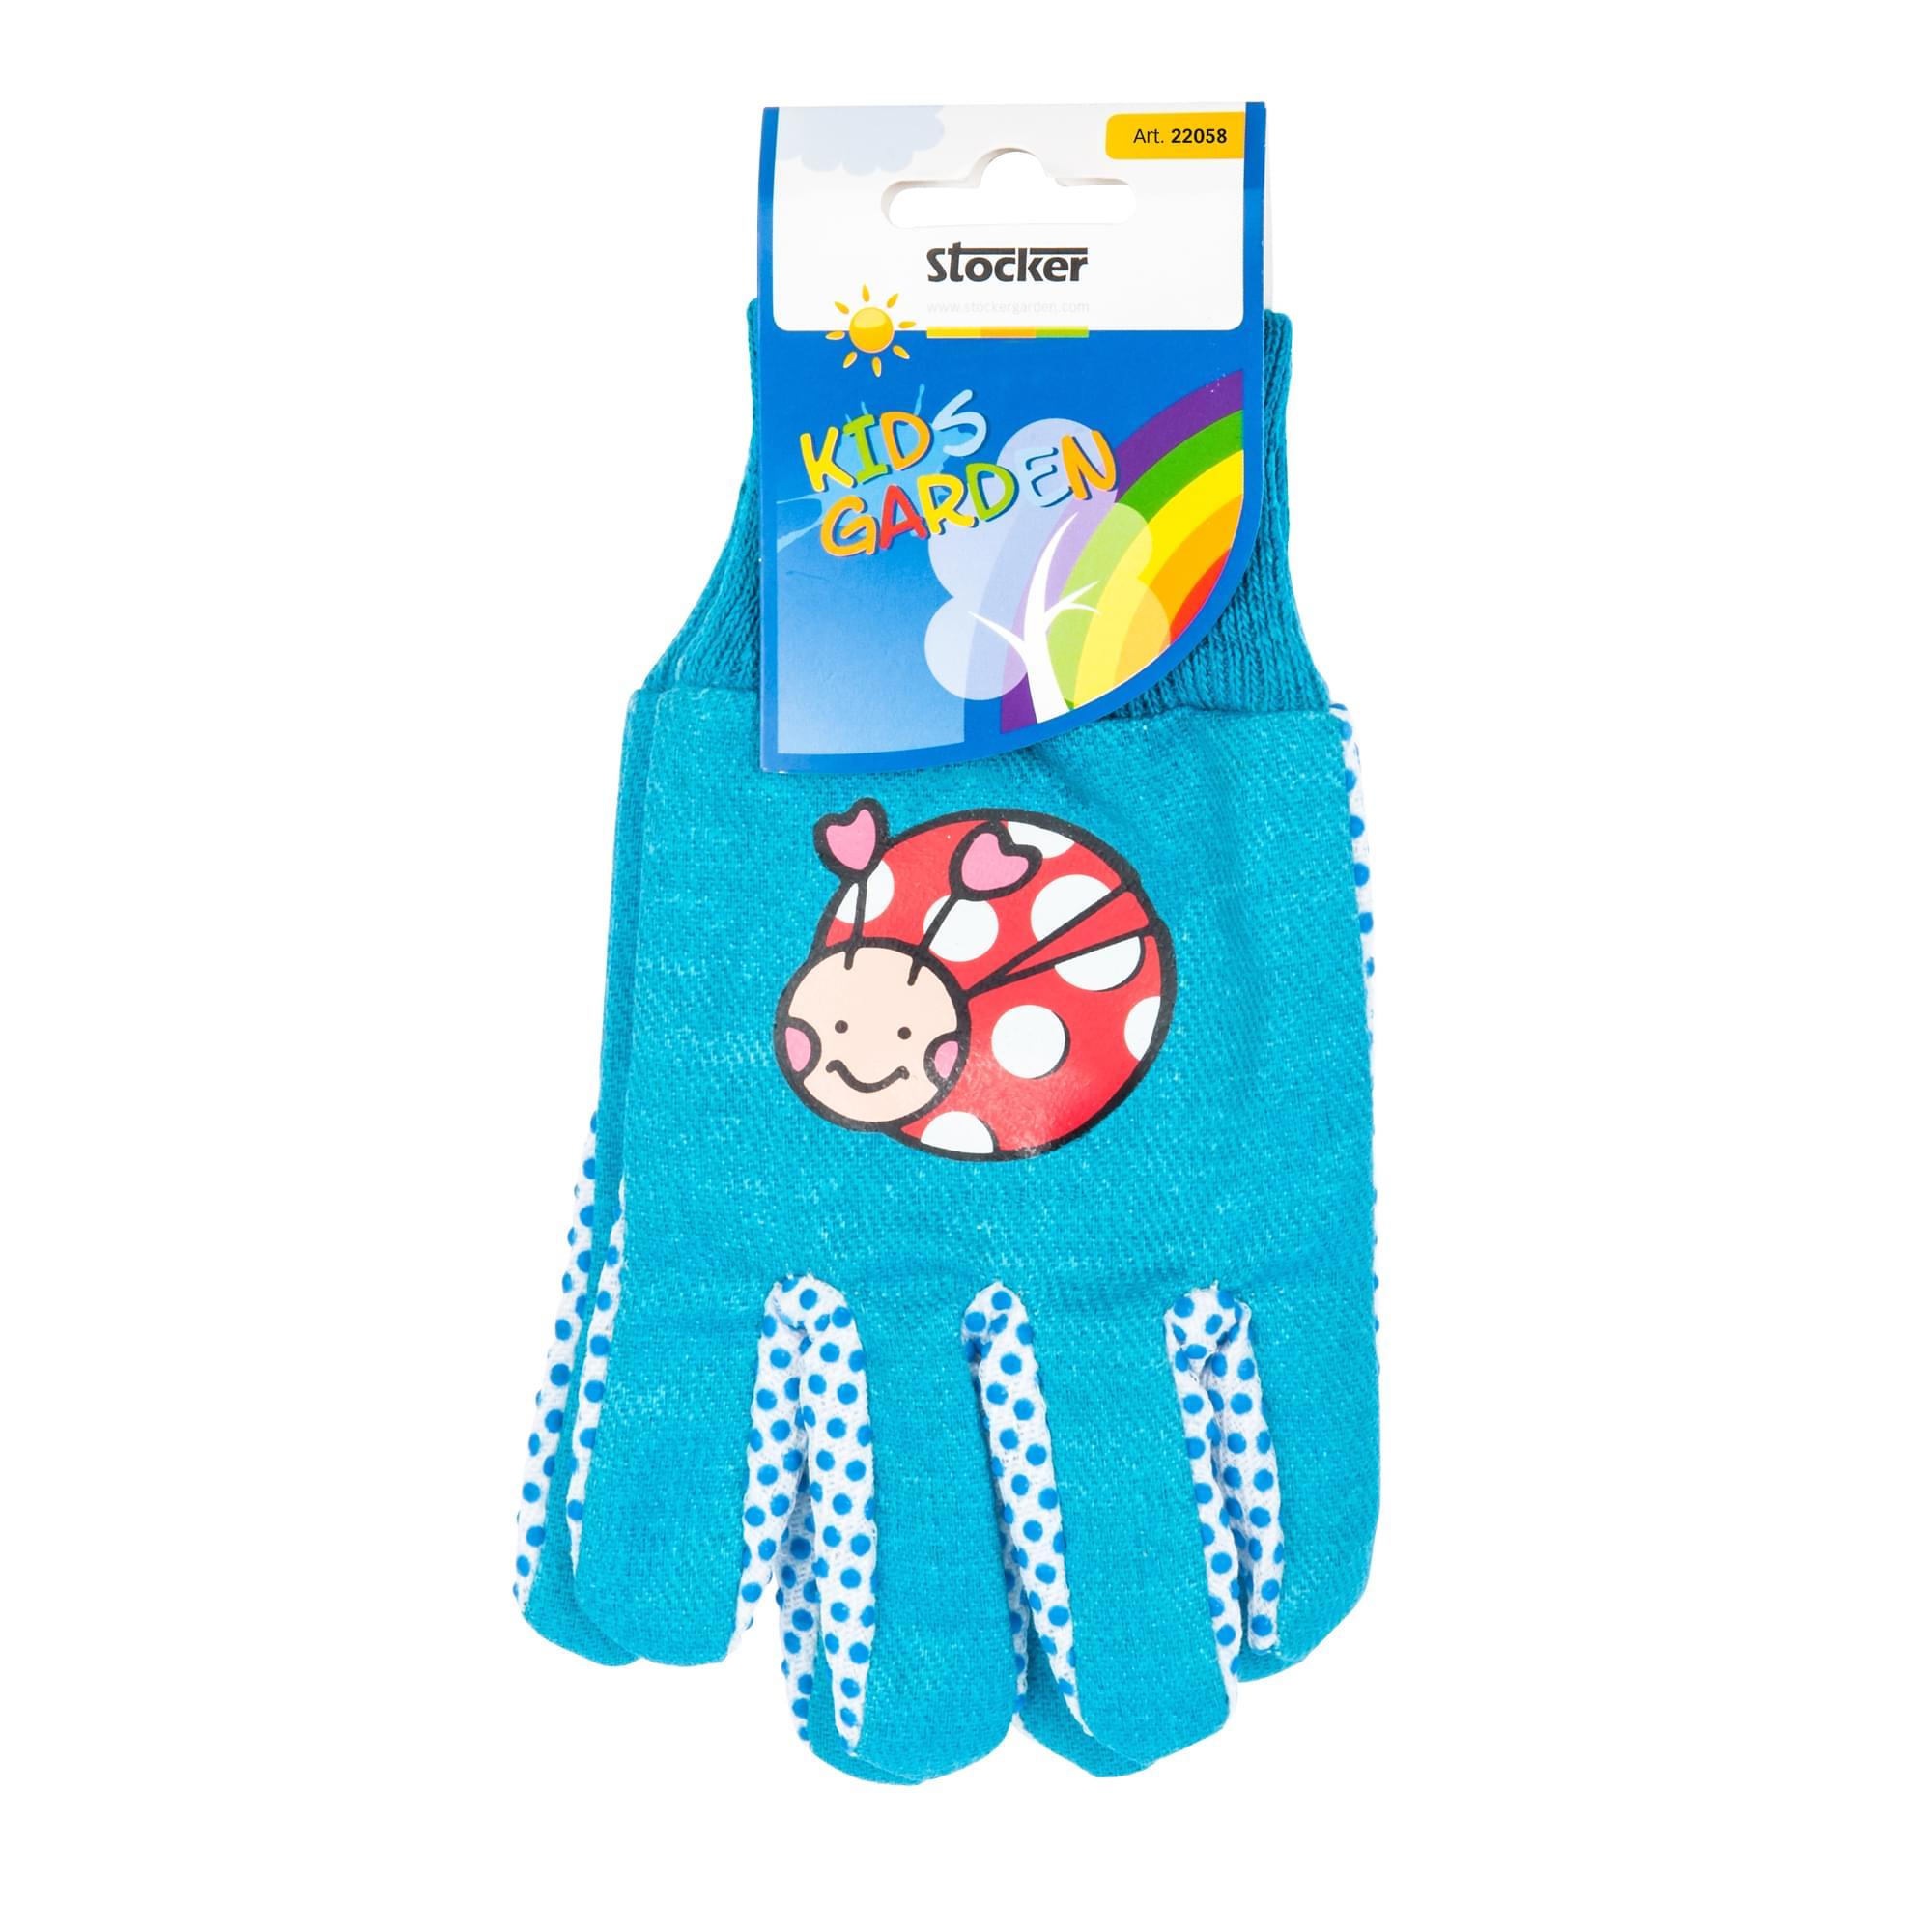 παιδικά γάντια κήπου - γαλάζιο-μπλε με πασχαλίτσα - 22058